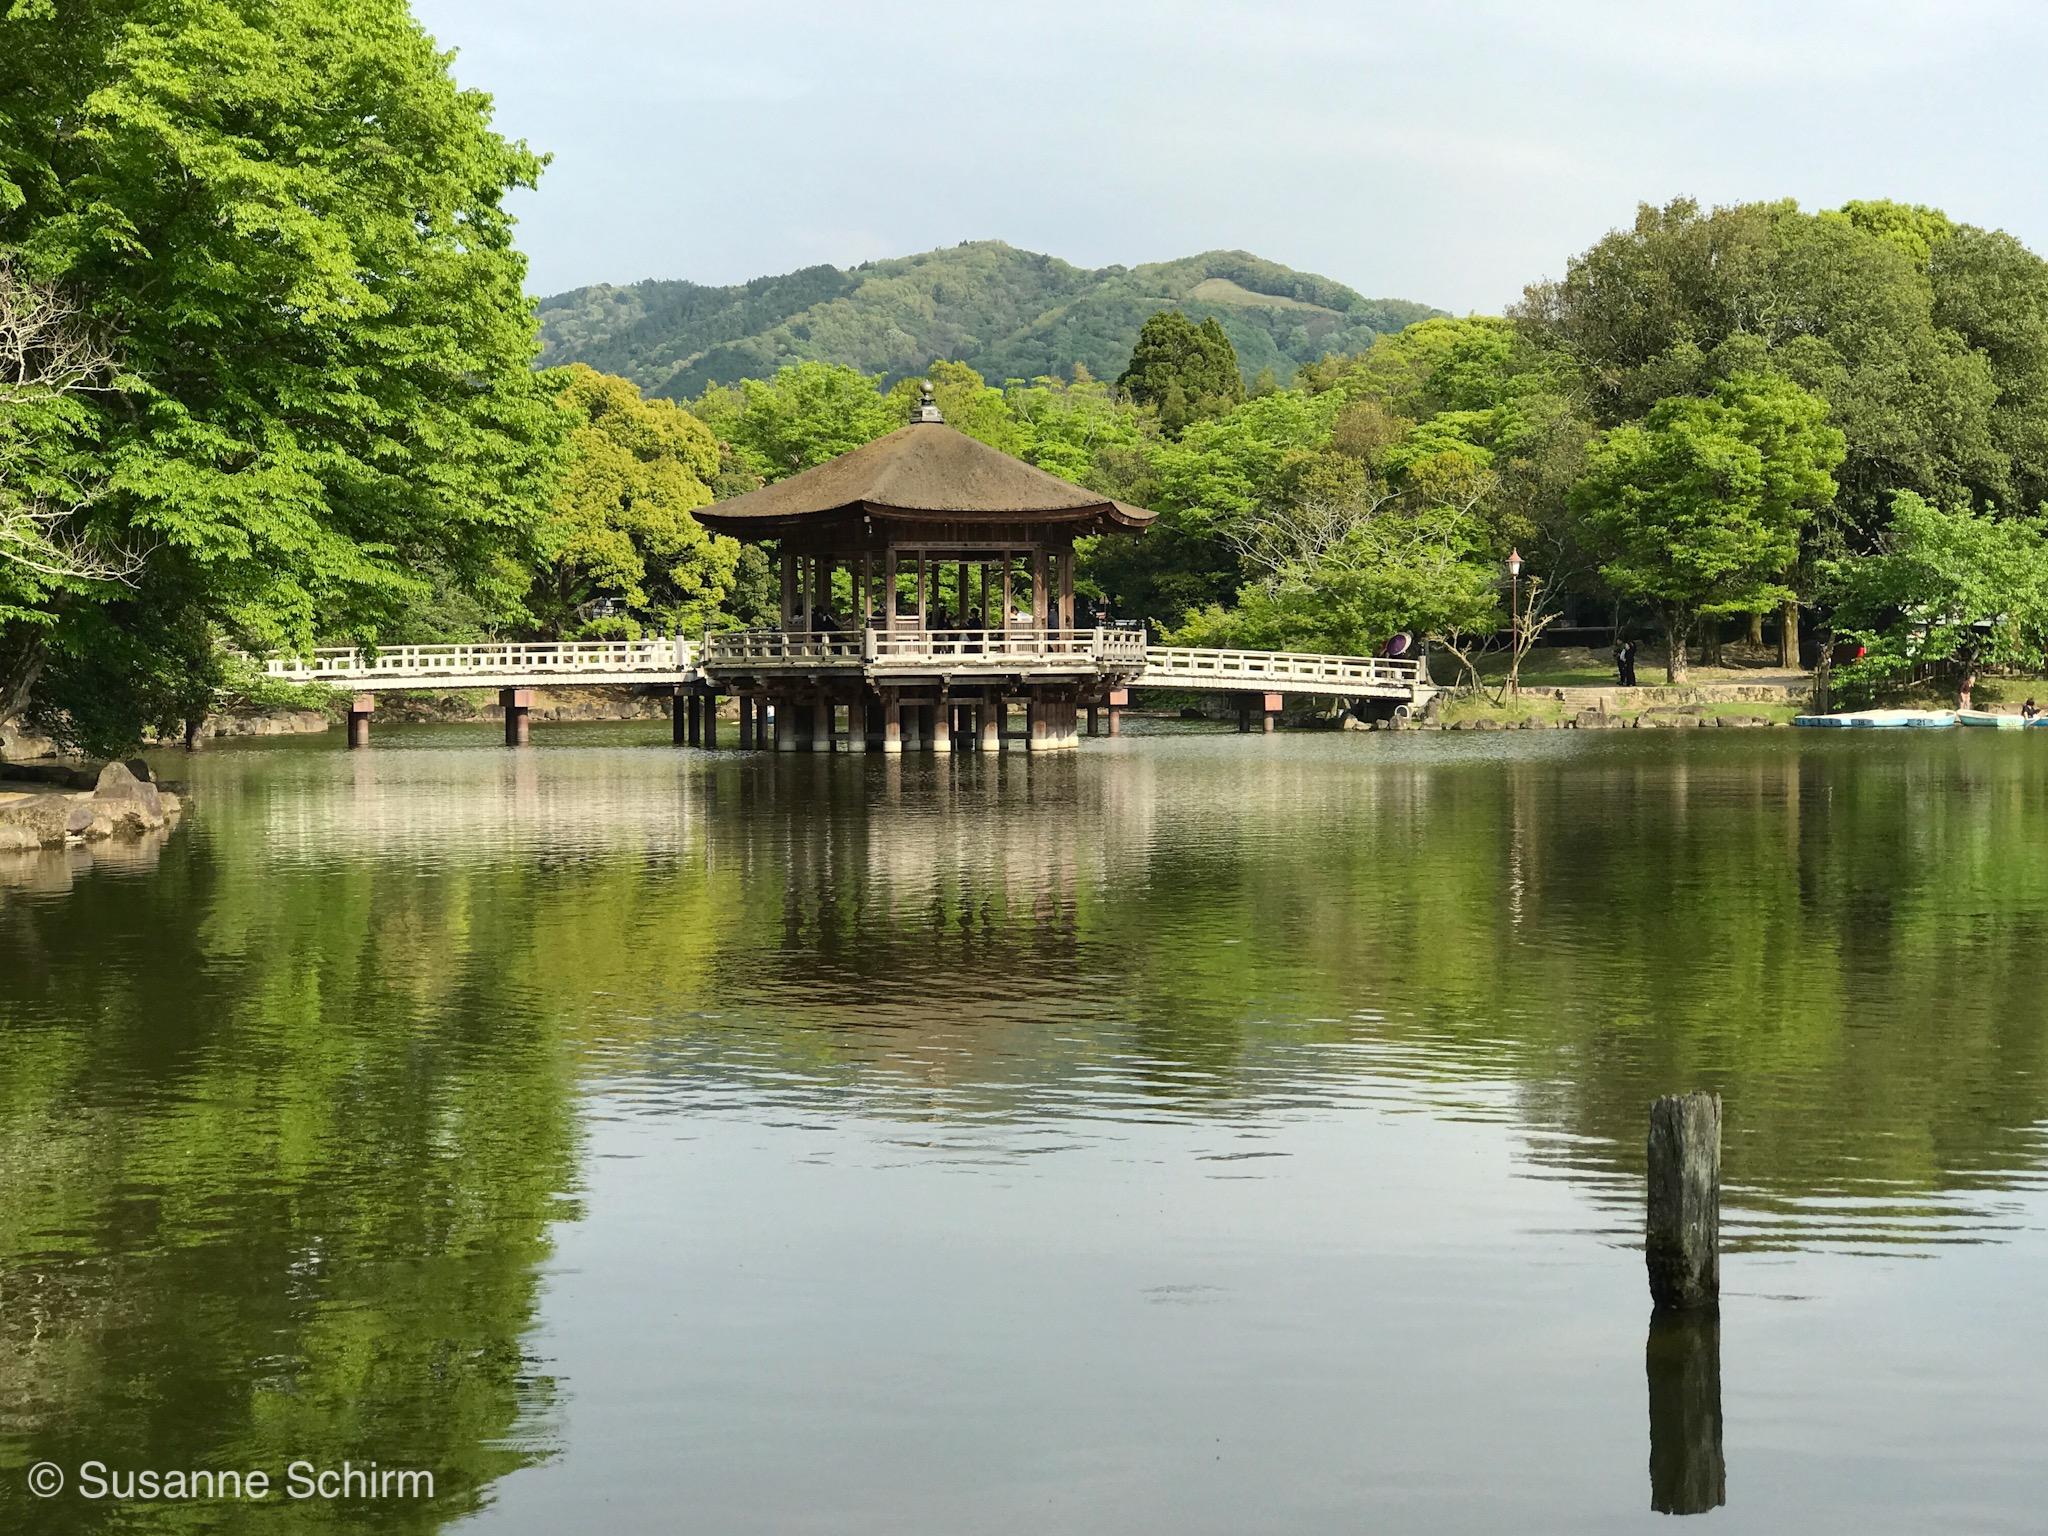 Bild vom Sagi-ike See